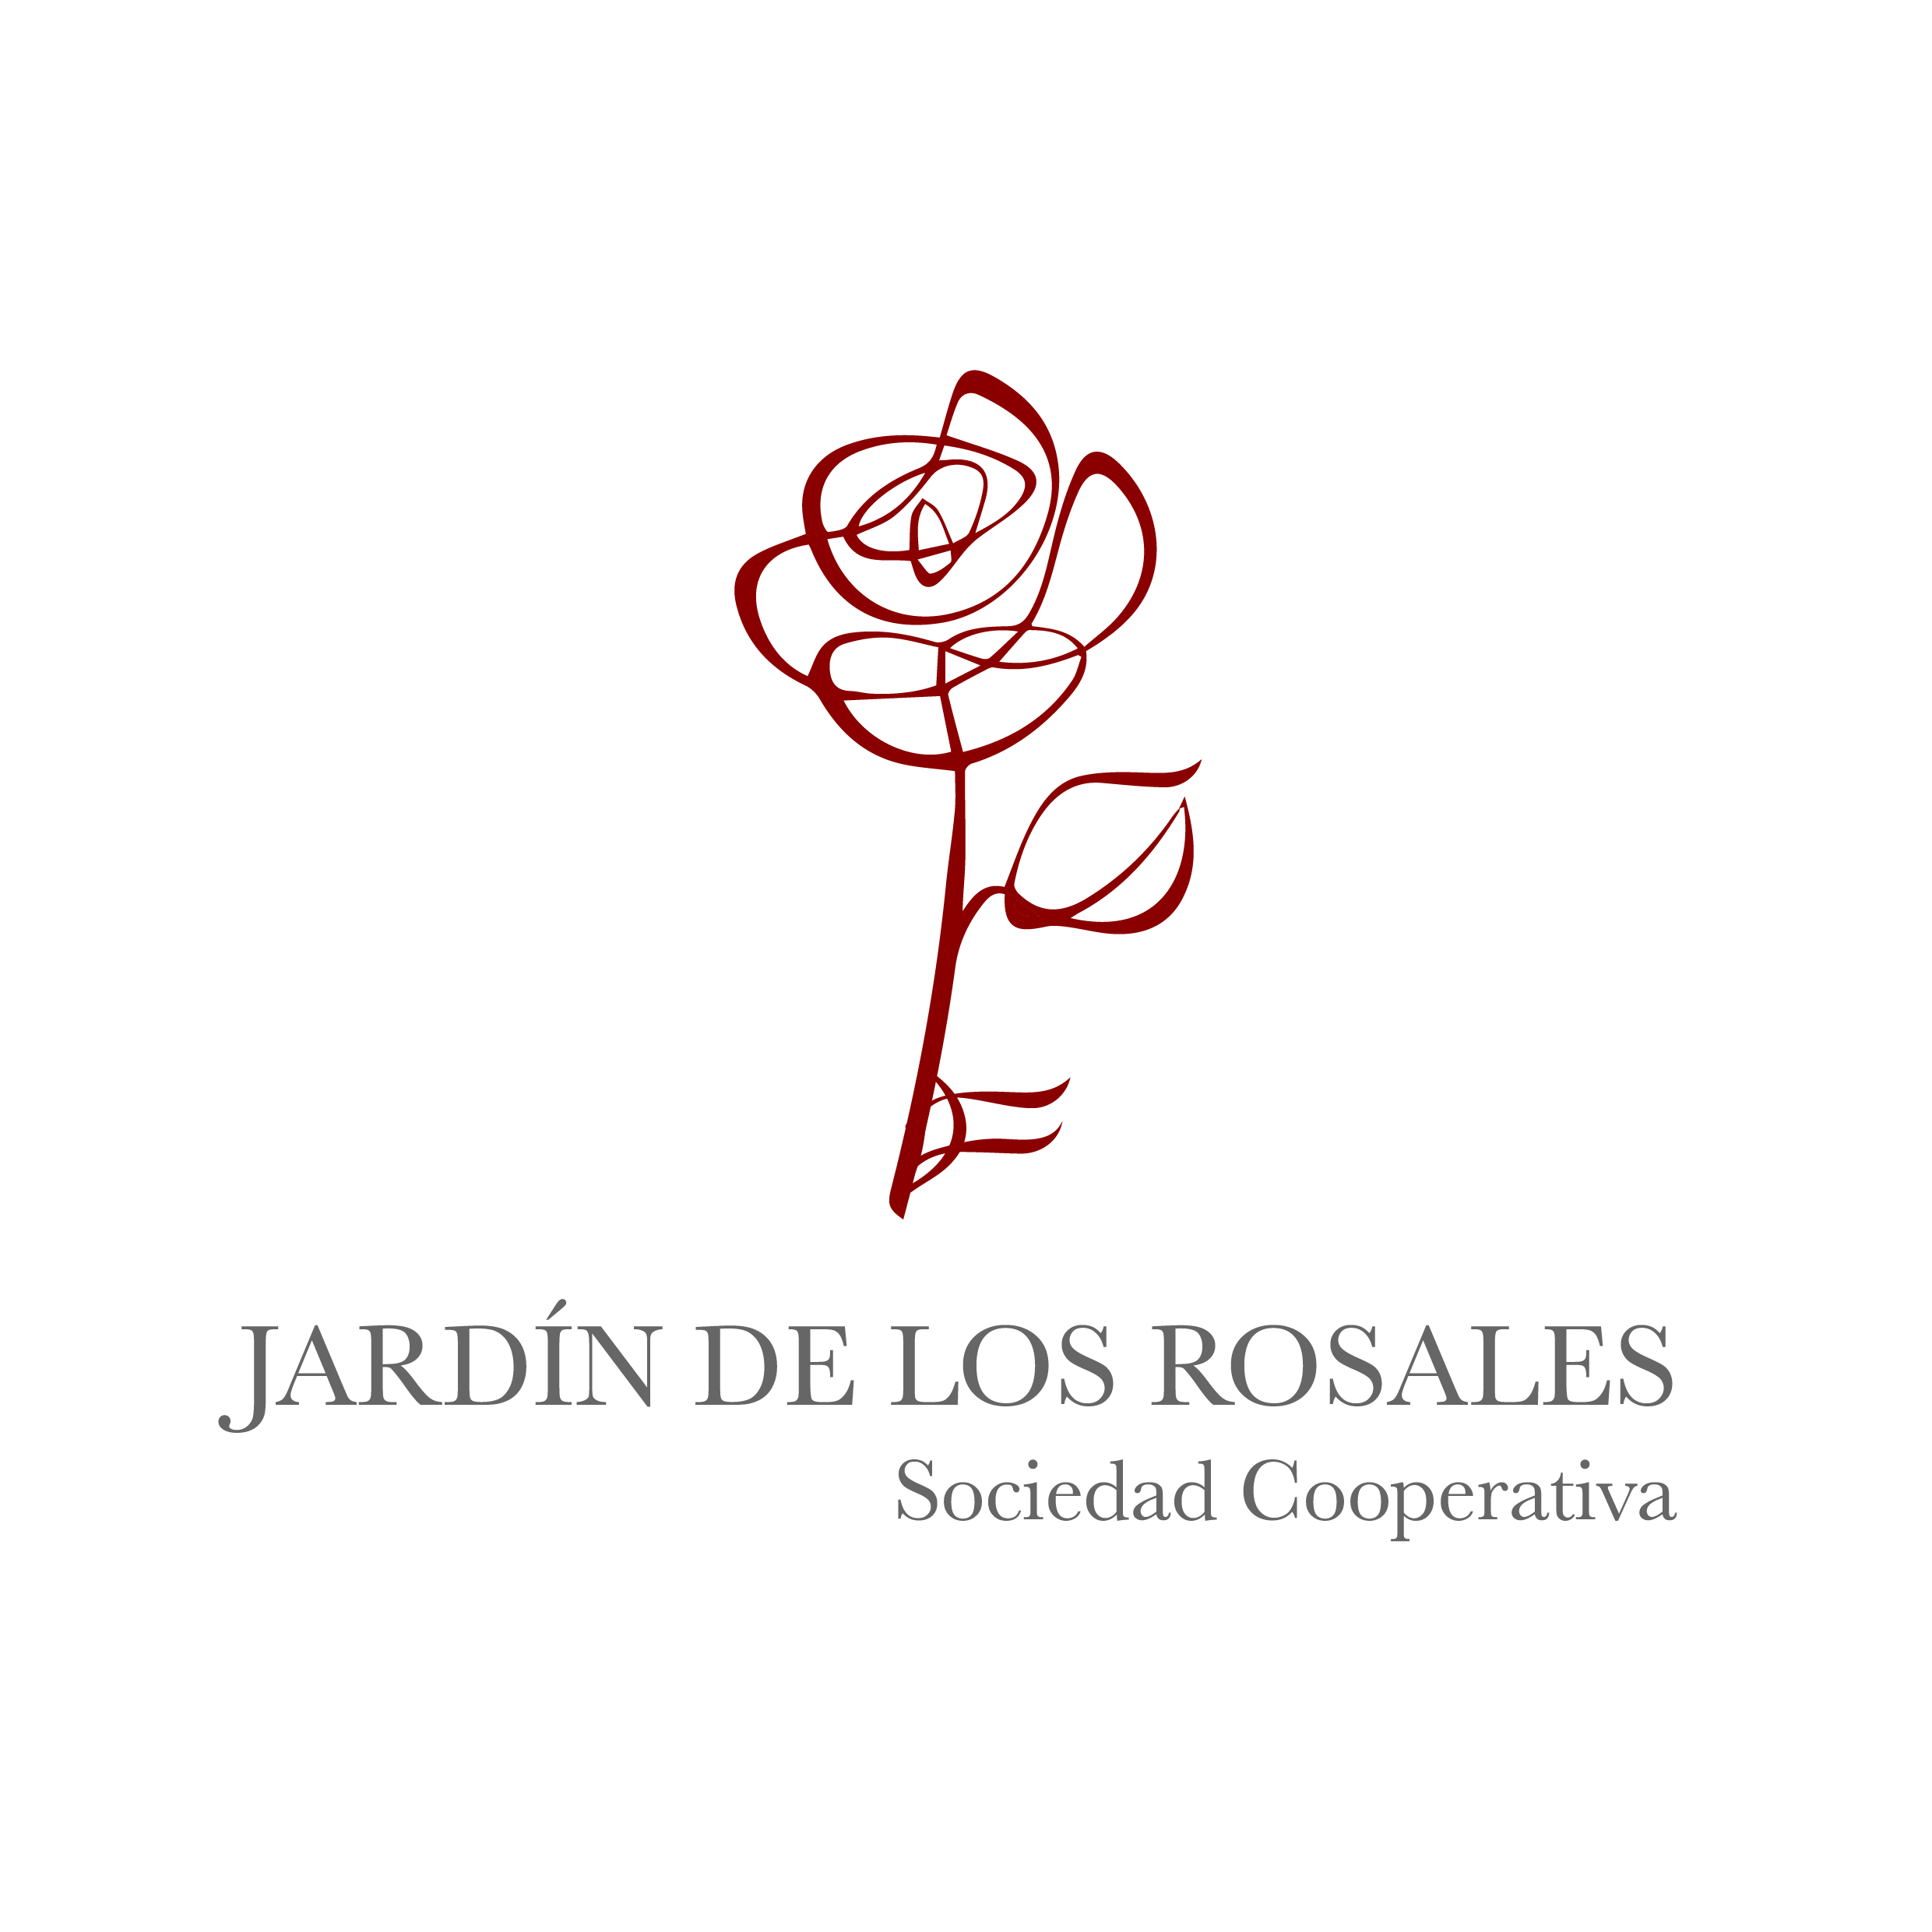 JARDÍN DE LOS ROSALES